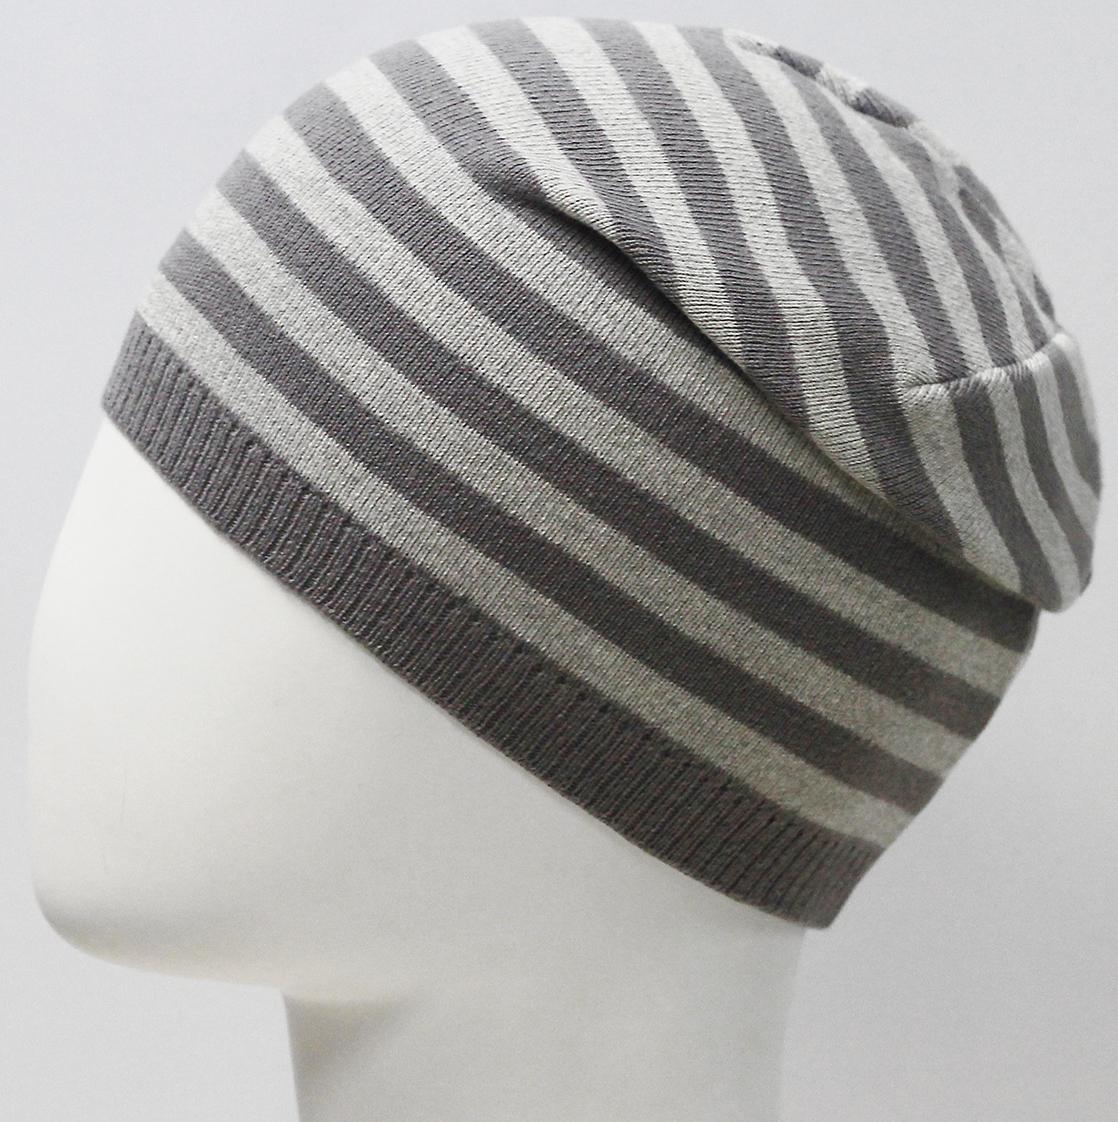 Шапка для мальчика Marhatter, цвет: серый. MBH7533. Размер 50/52MBH7533Хлопковая шапка для мальчиков с контрастным сочетанием полос. Прекрасно подойдет для повседневных прогулок. Размер, доступный для заказа, является обхватом головы.